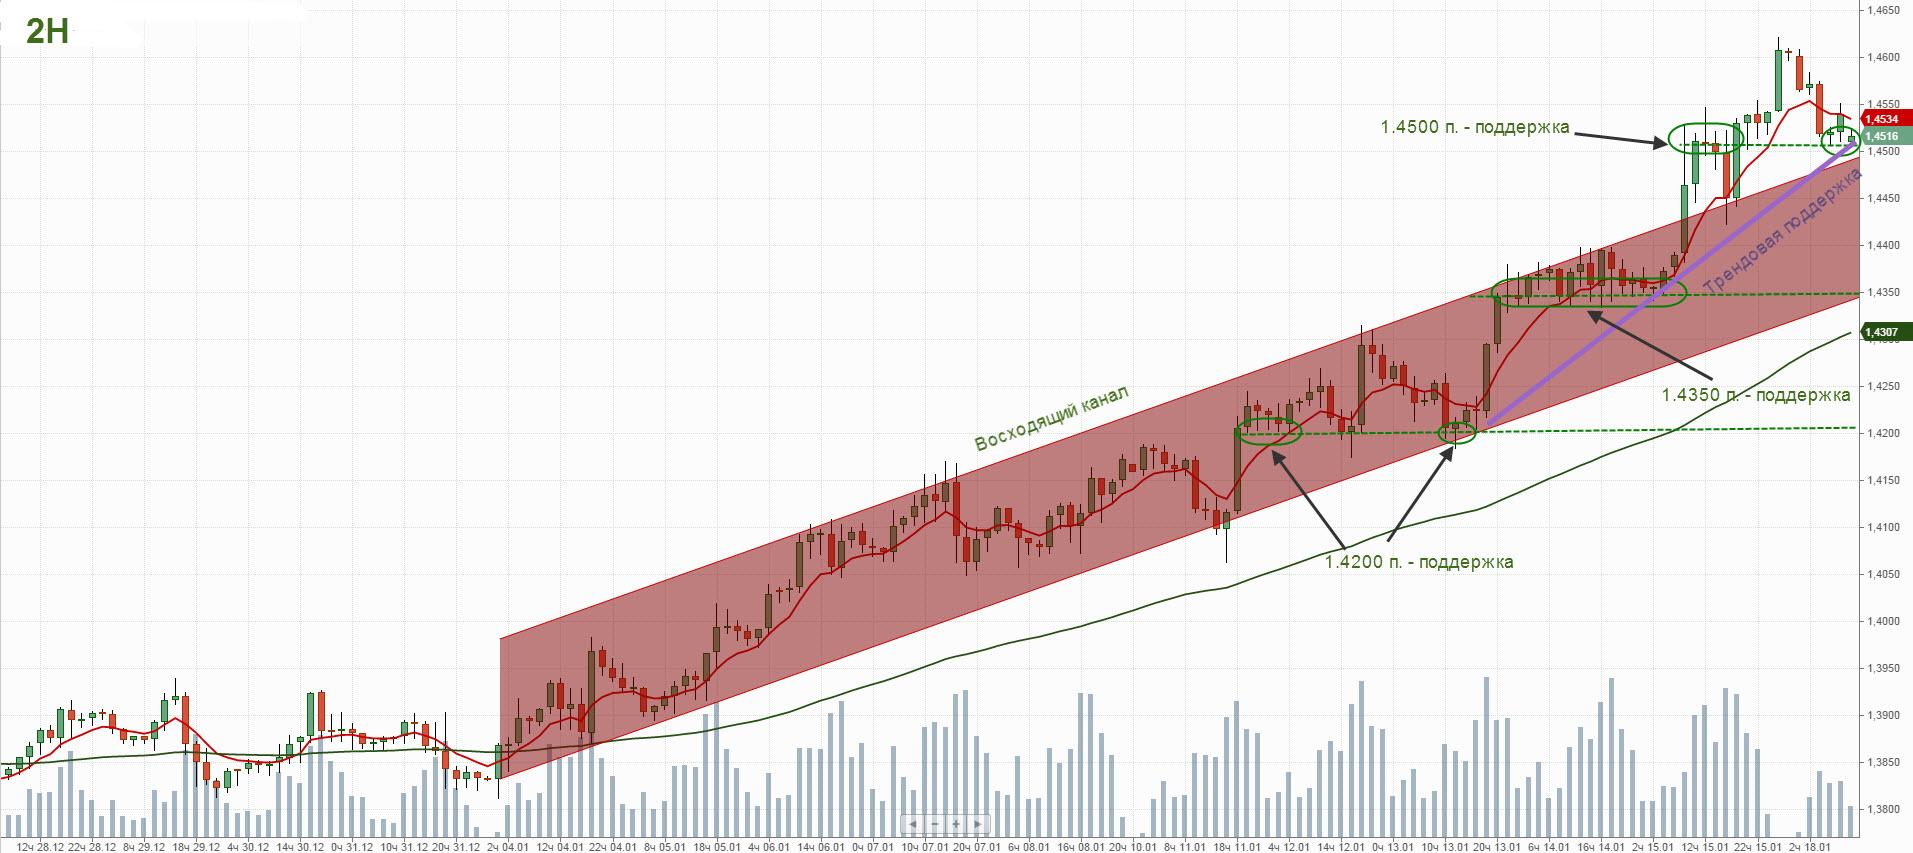 USD-Cad